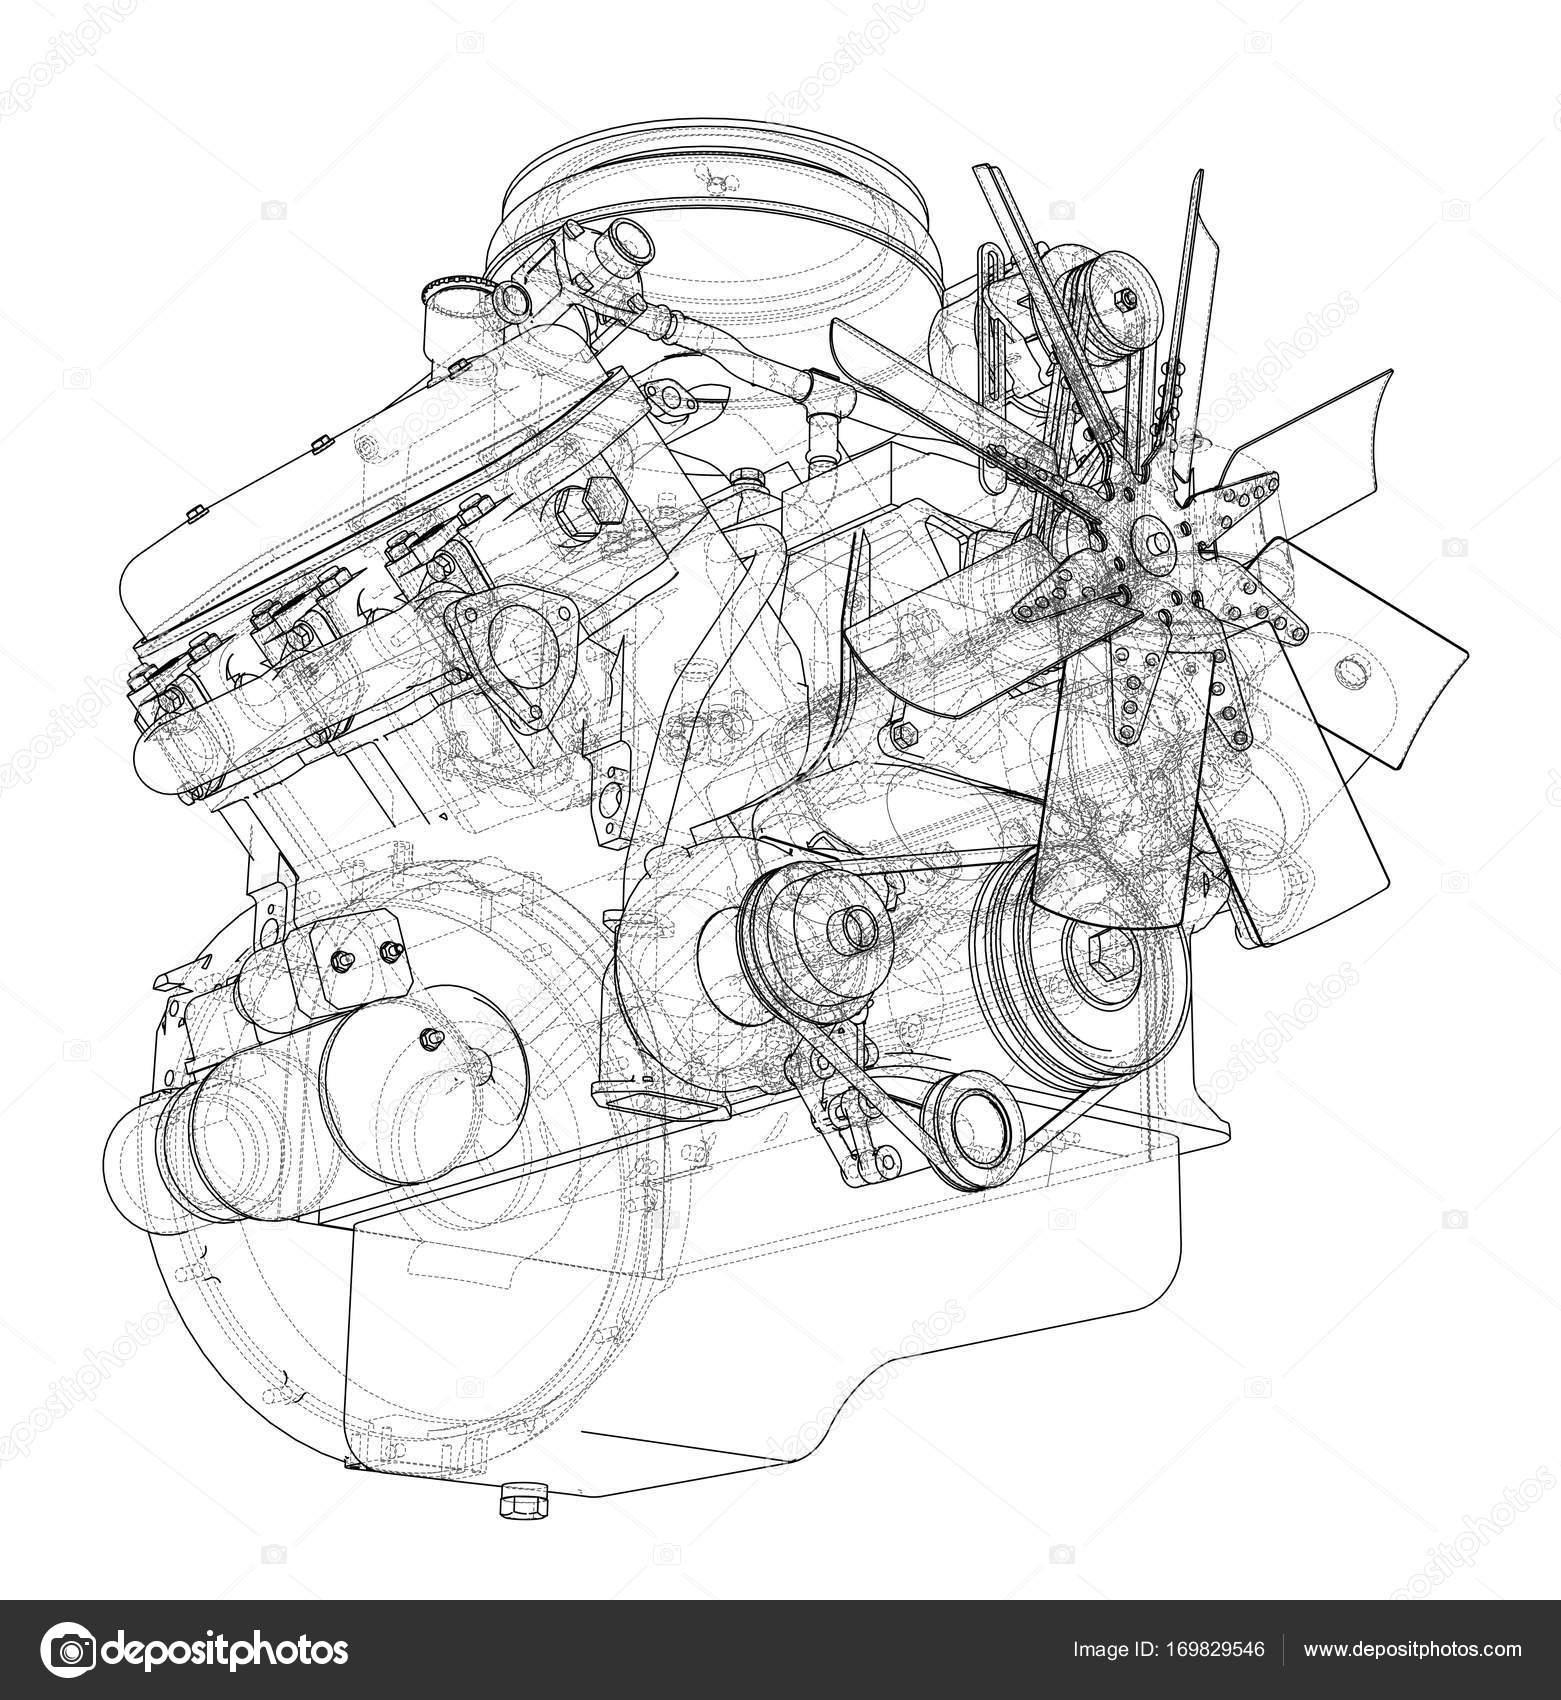 Motor-Skizze. Vektor — Stockvektor © cherezoff #169829546